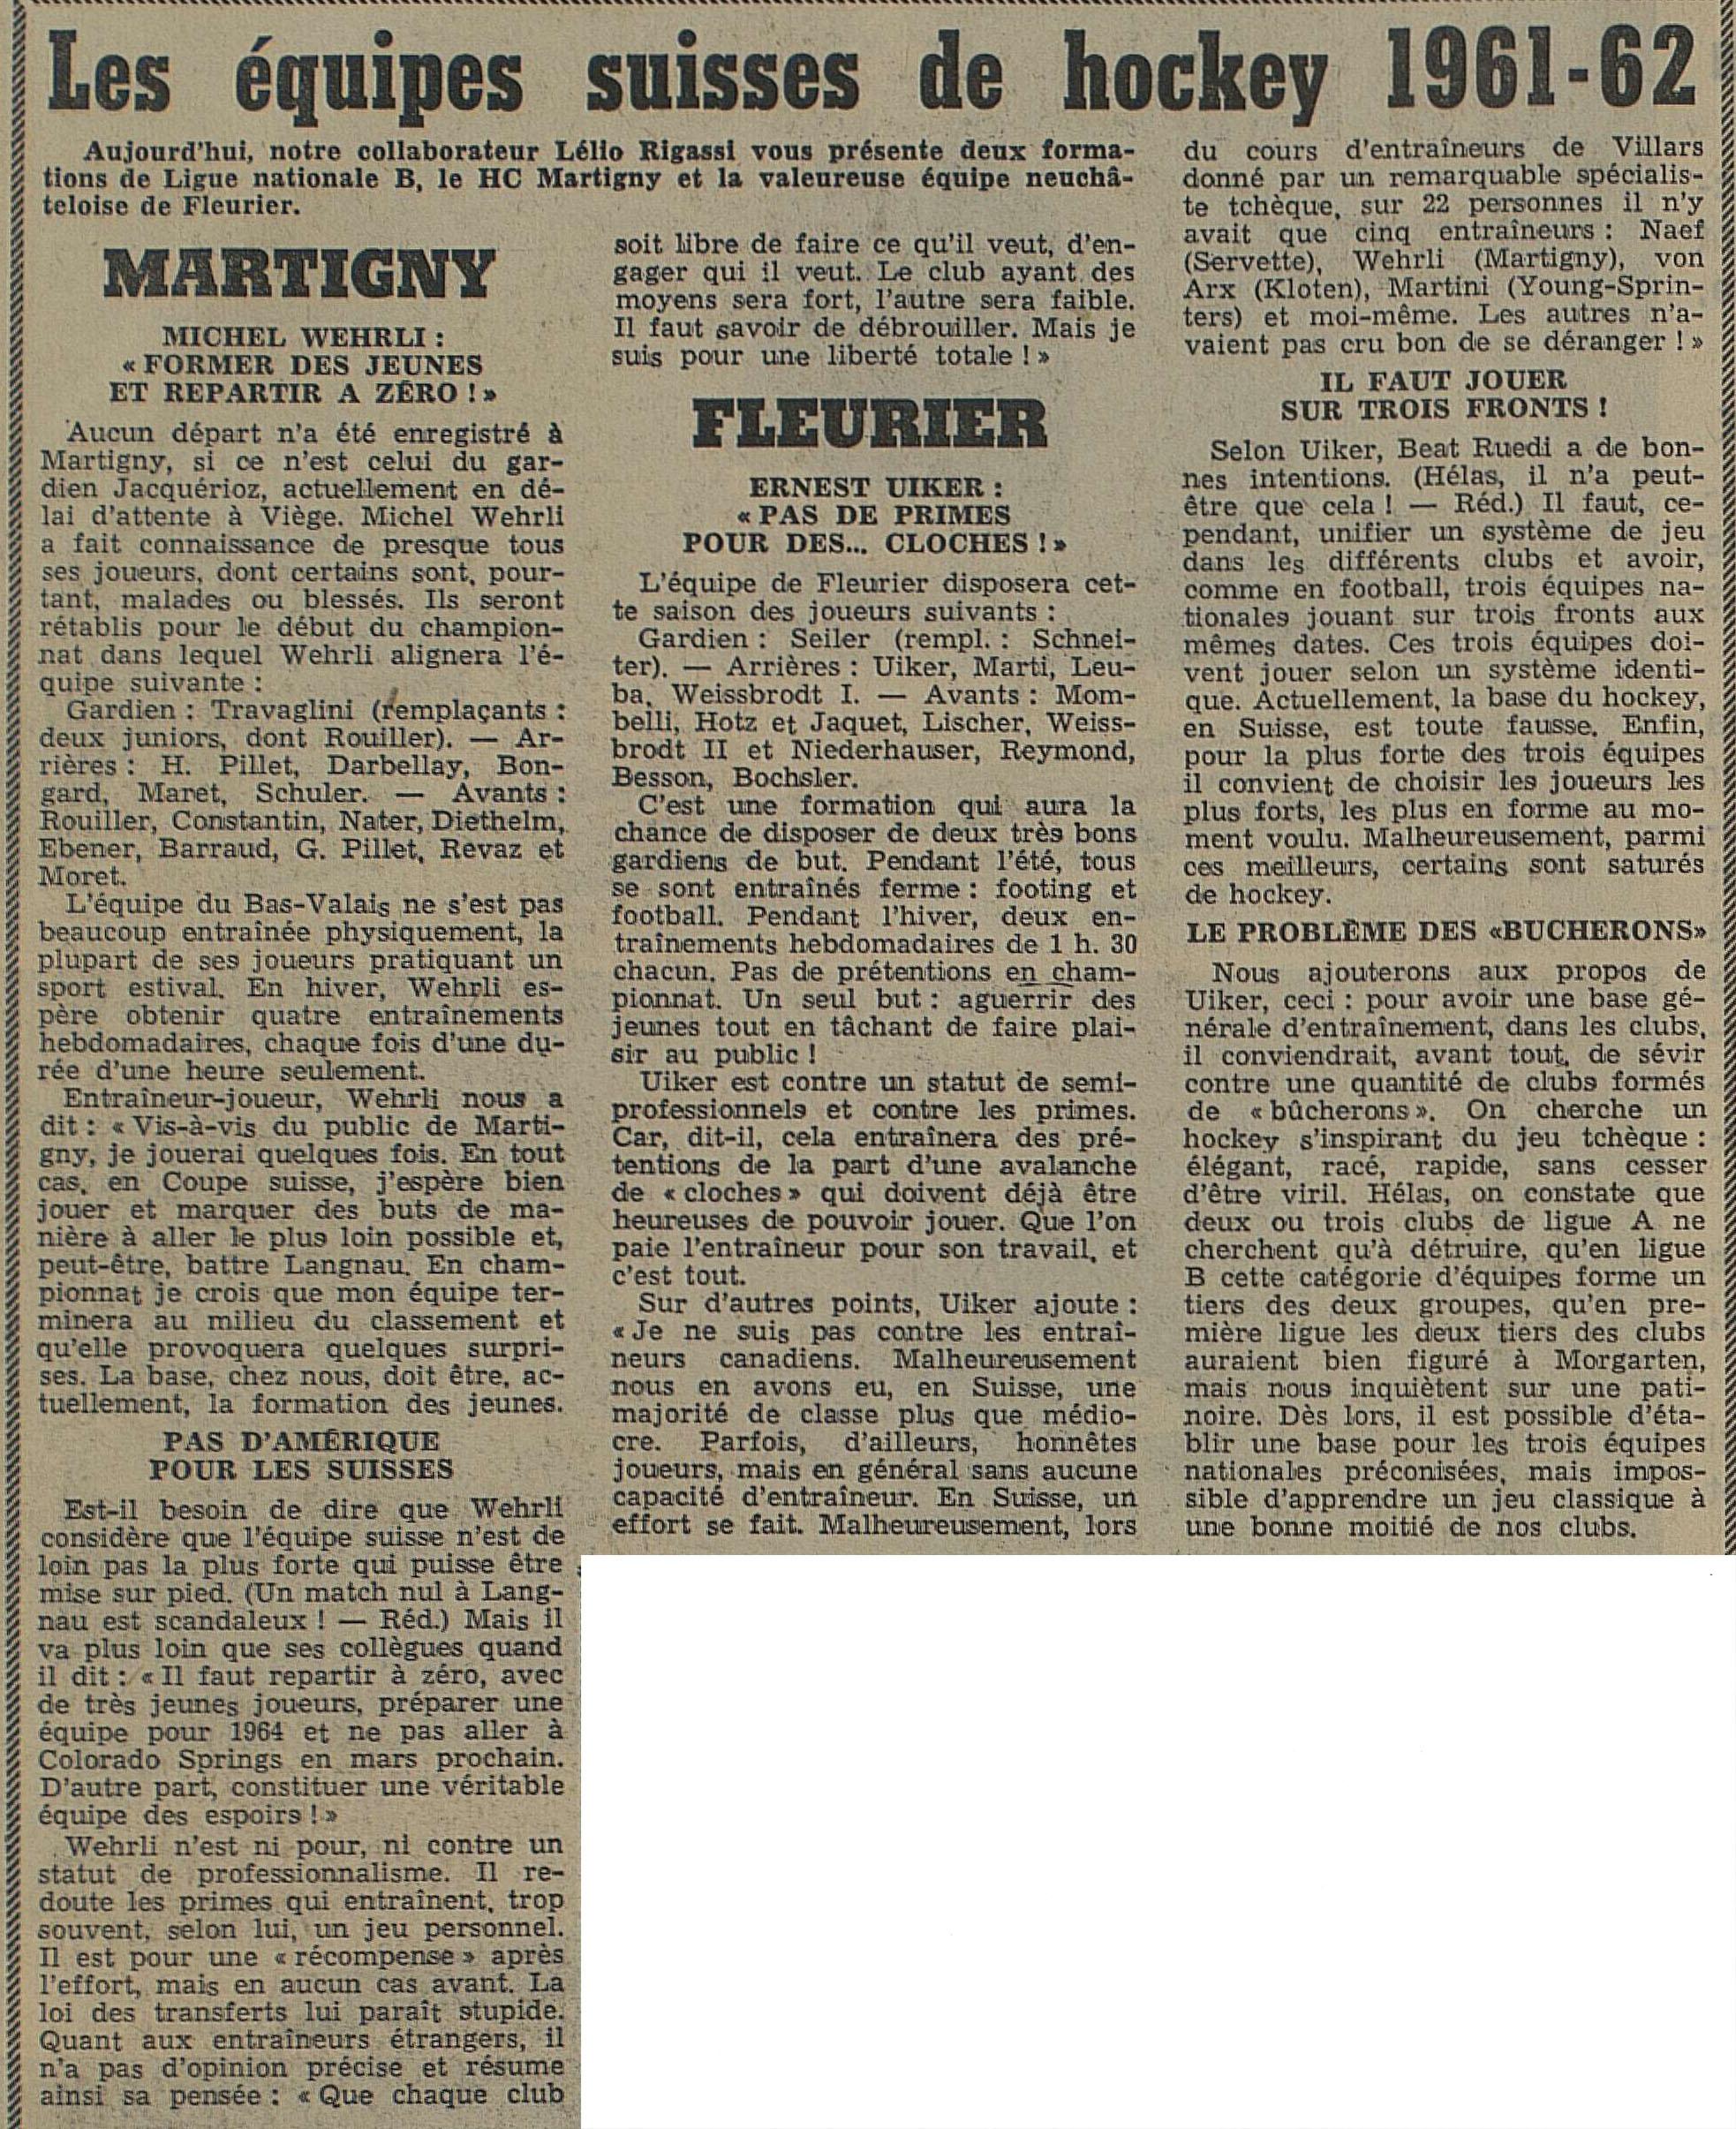 Le Matin - Tribune de Lausanne_19611031_ic3hl6+++.jpg